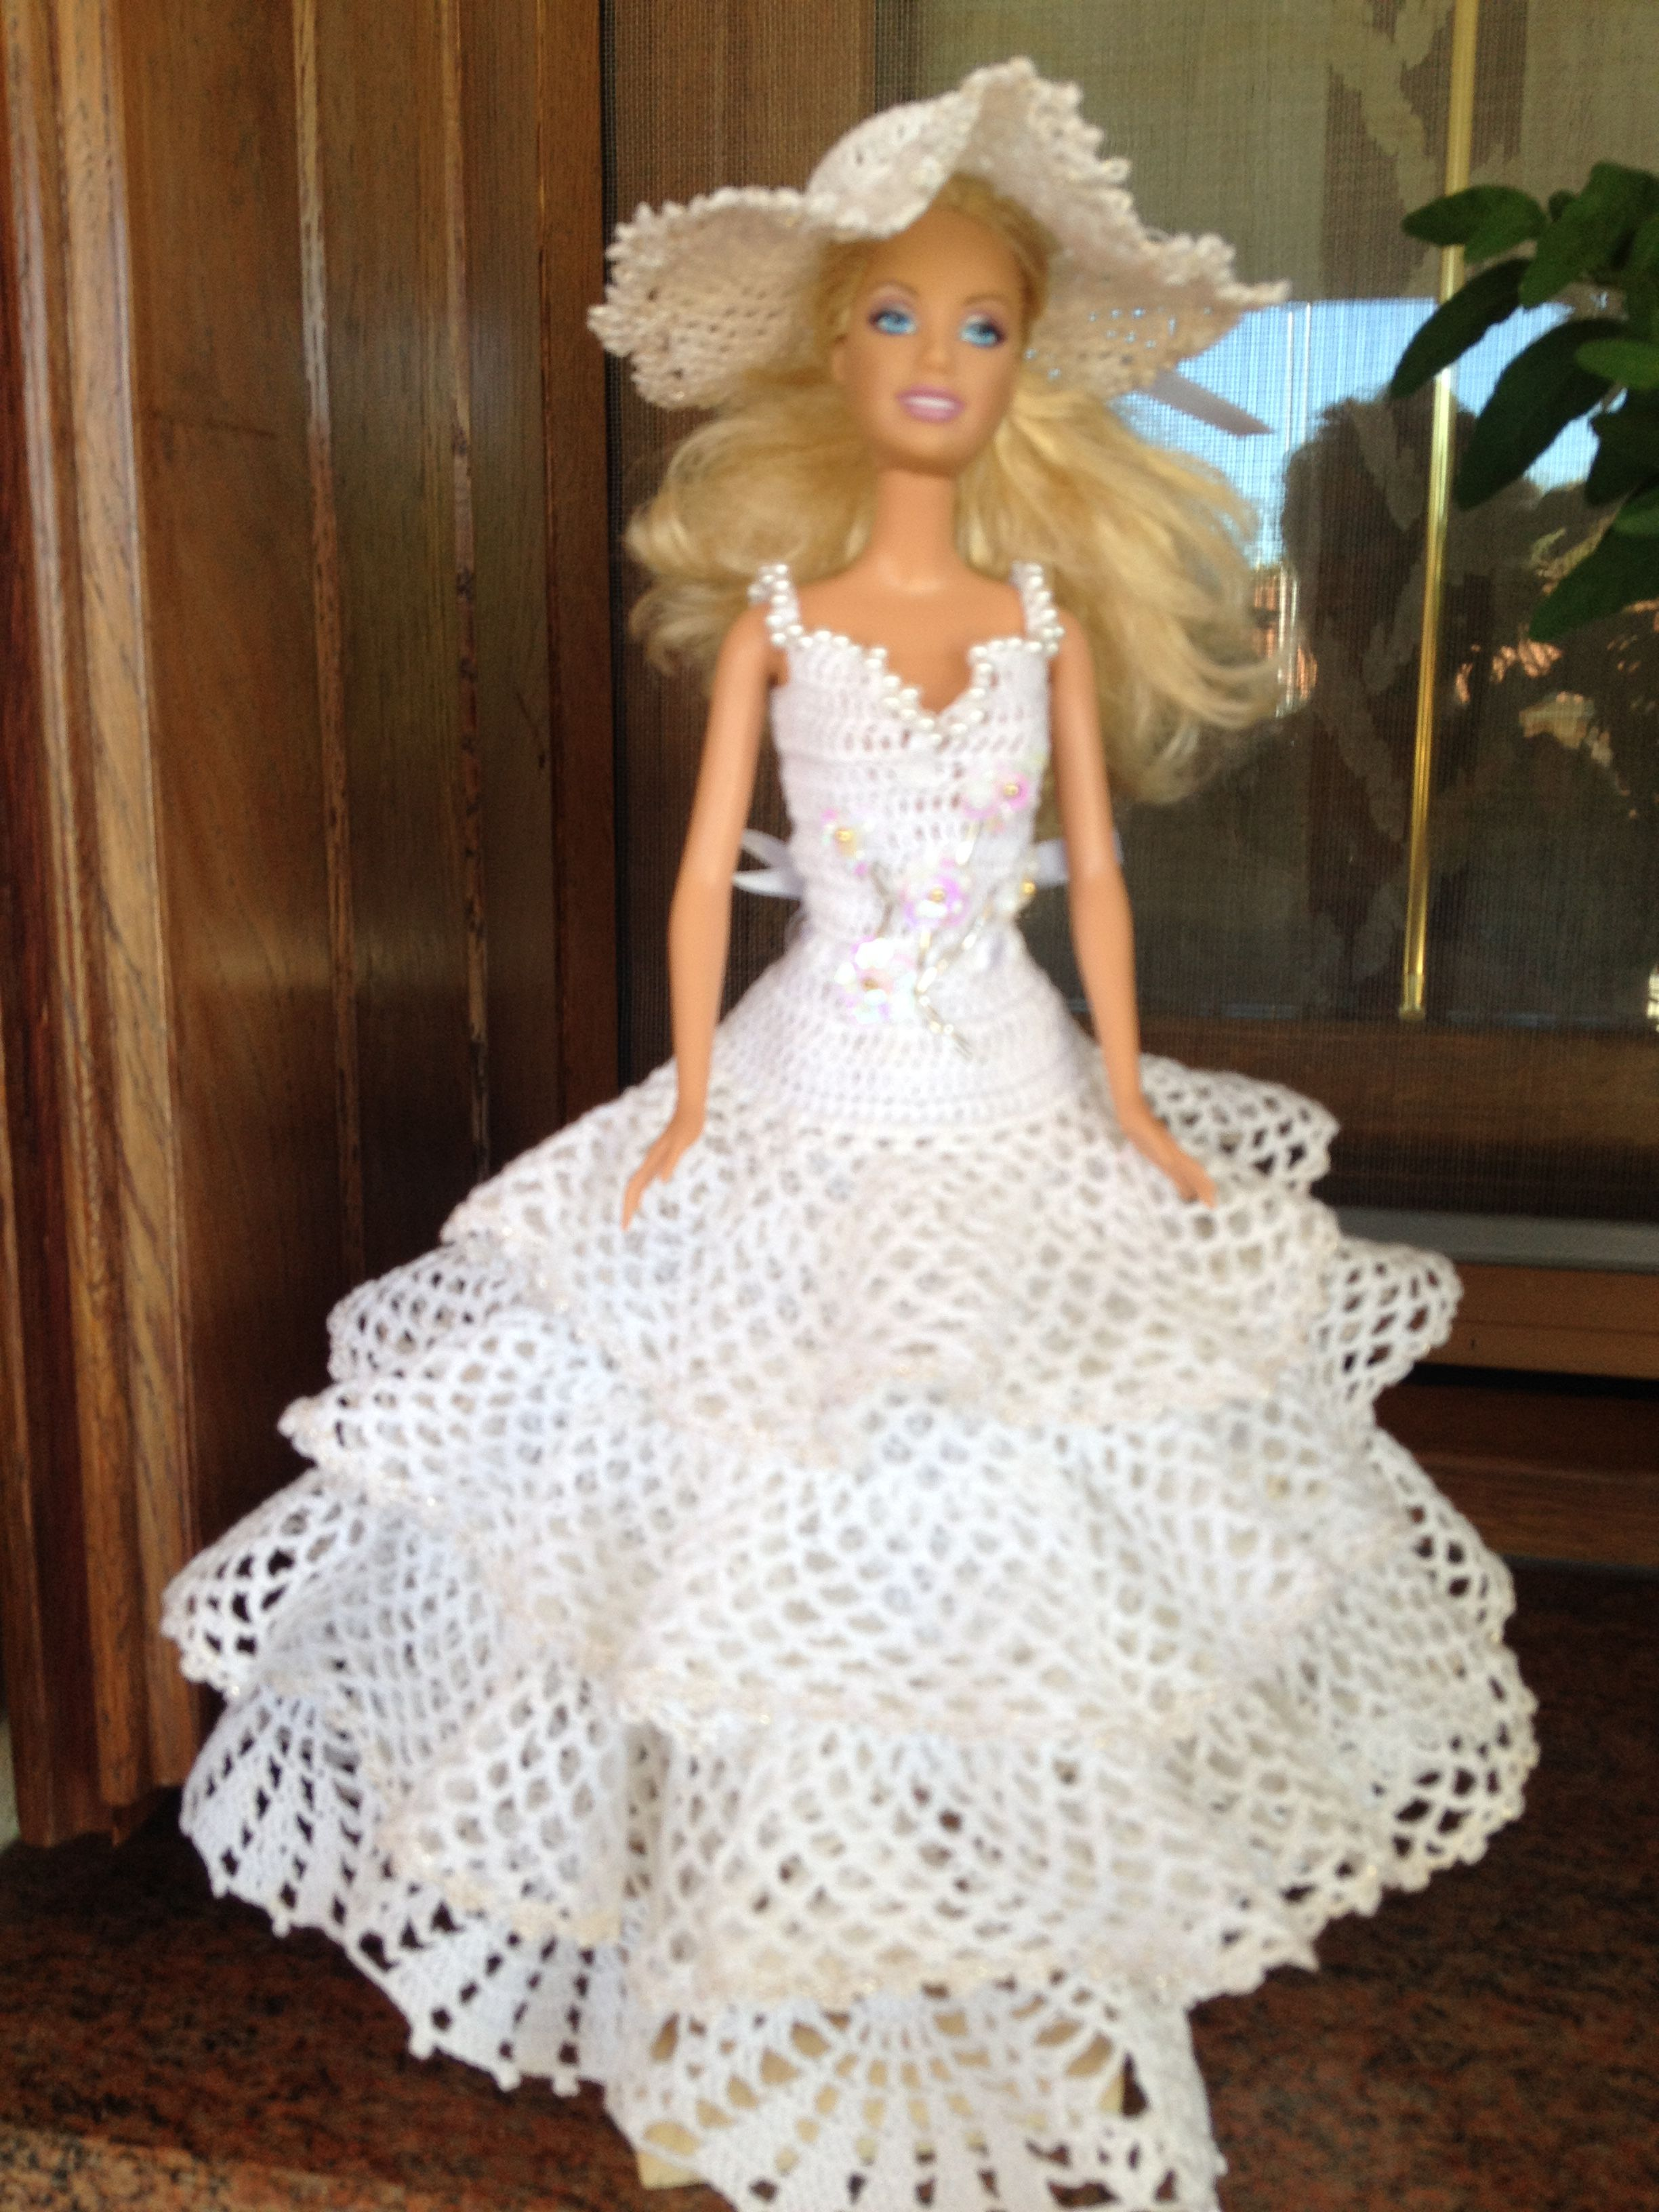 Pin von Debbie Canapp auf Barbie clothes | Pinterest | Schneemann